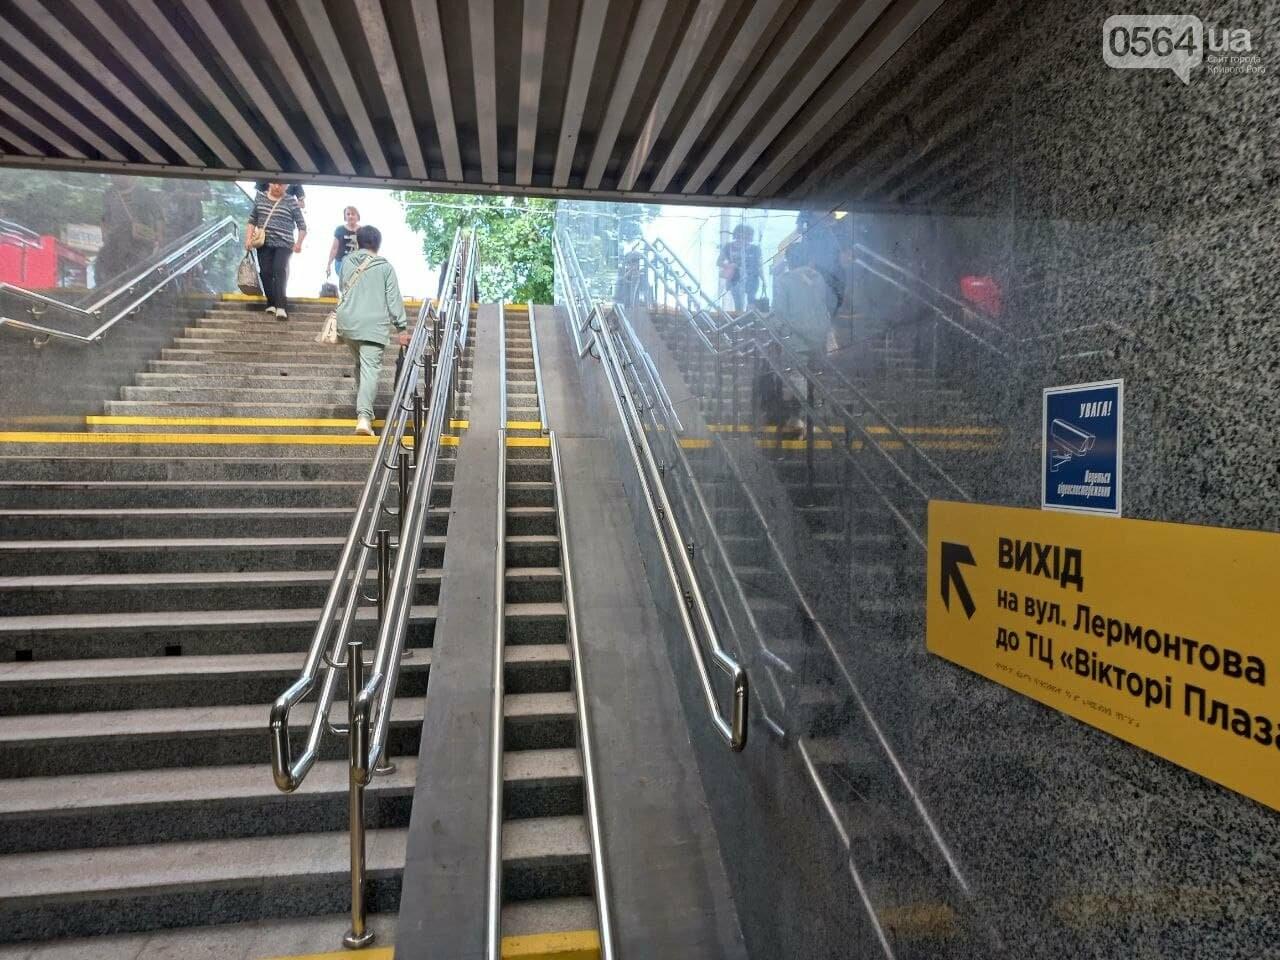 Возле Центрального рынка в Кривом Роге закрыли наземный переход и открыли подземный, - ФОТО, фото-16